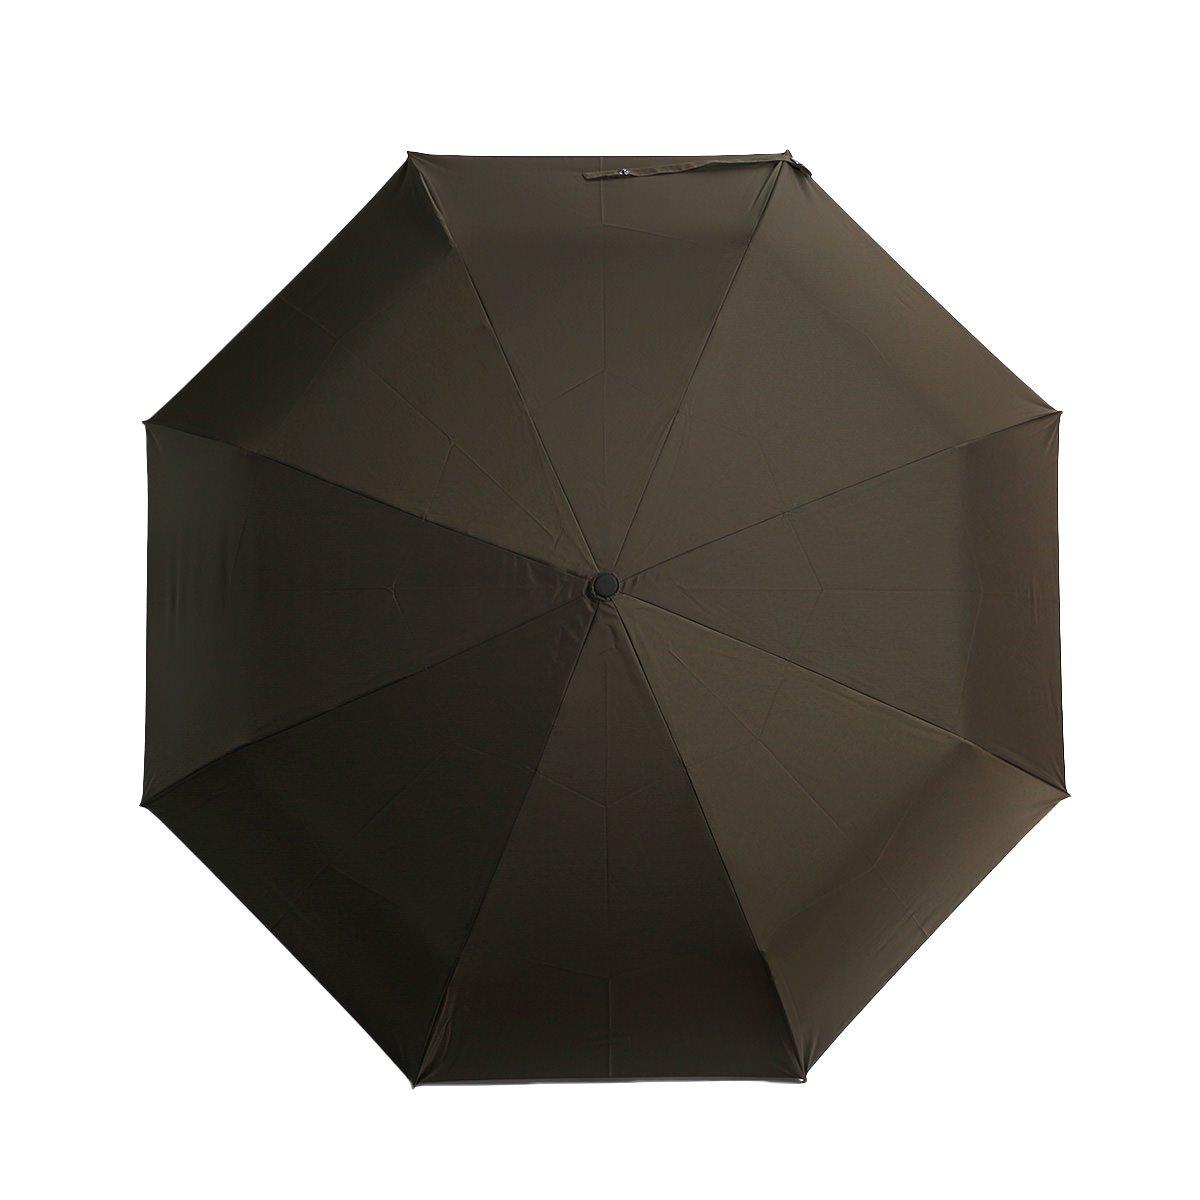 自動開閉 強力撥水 レインドロップ レクタス 折りたたみ傘 詳細画像9